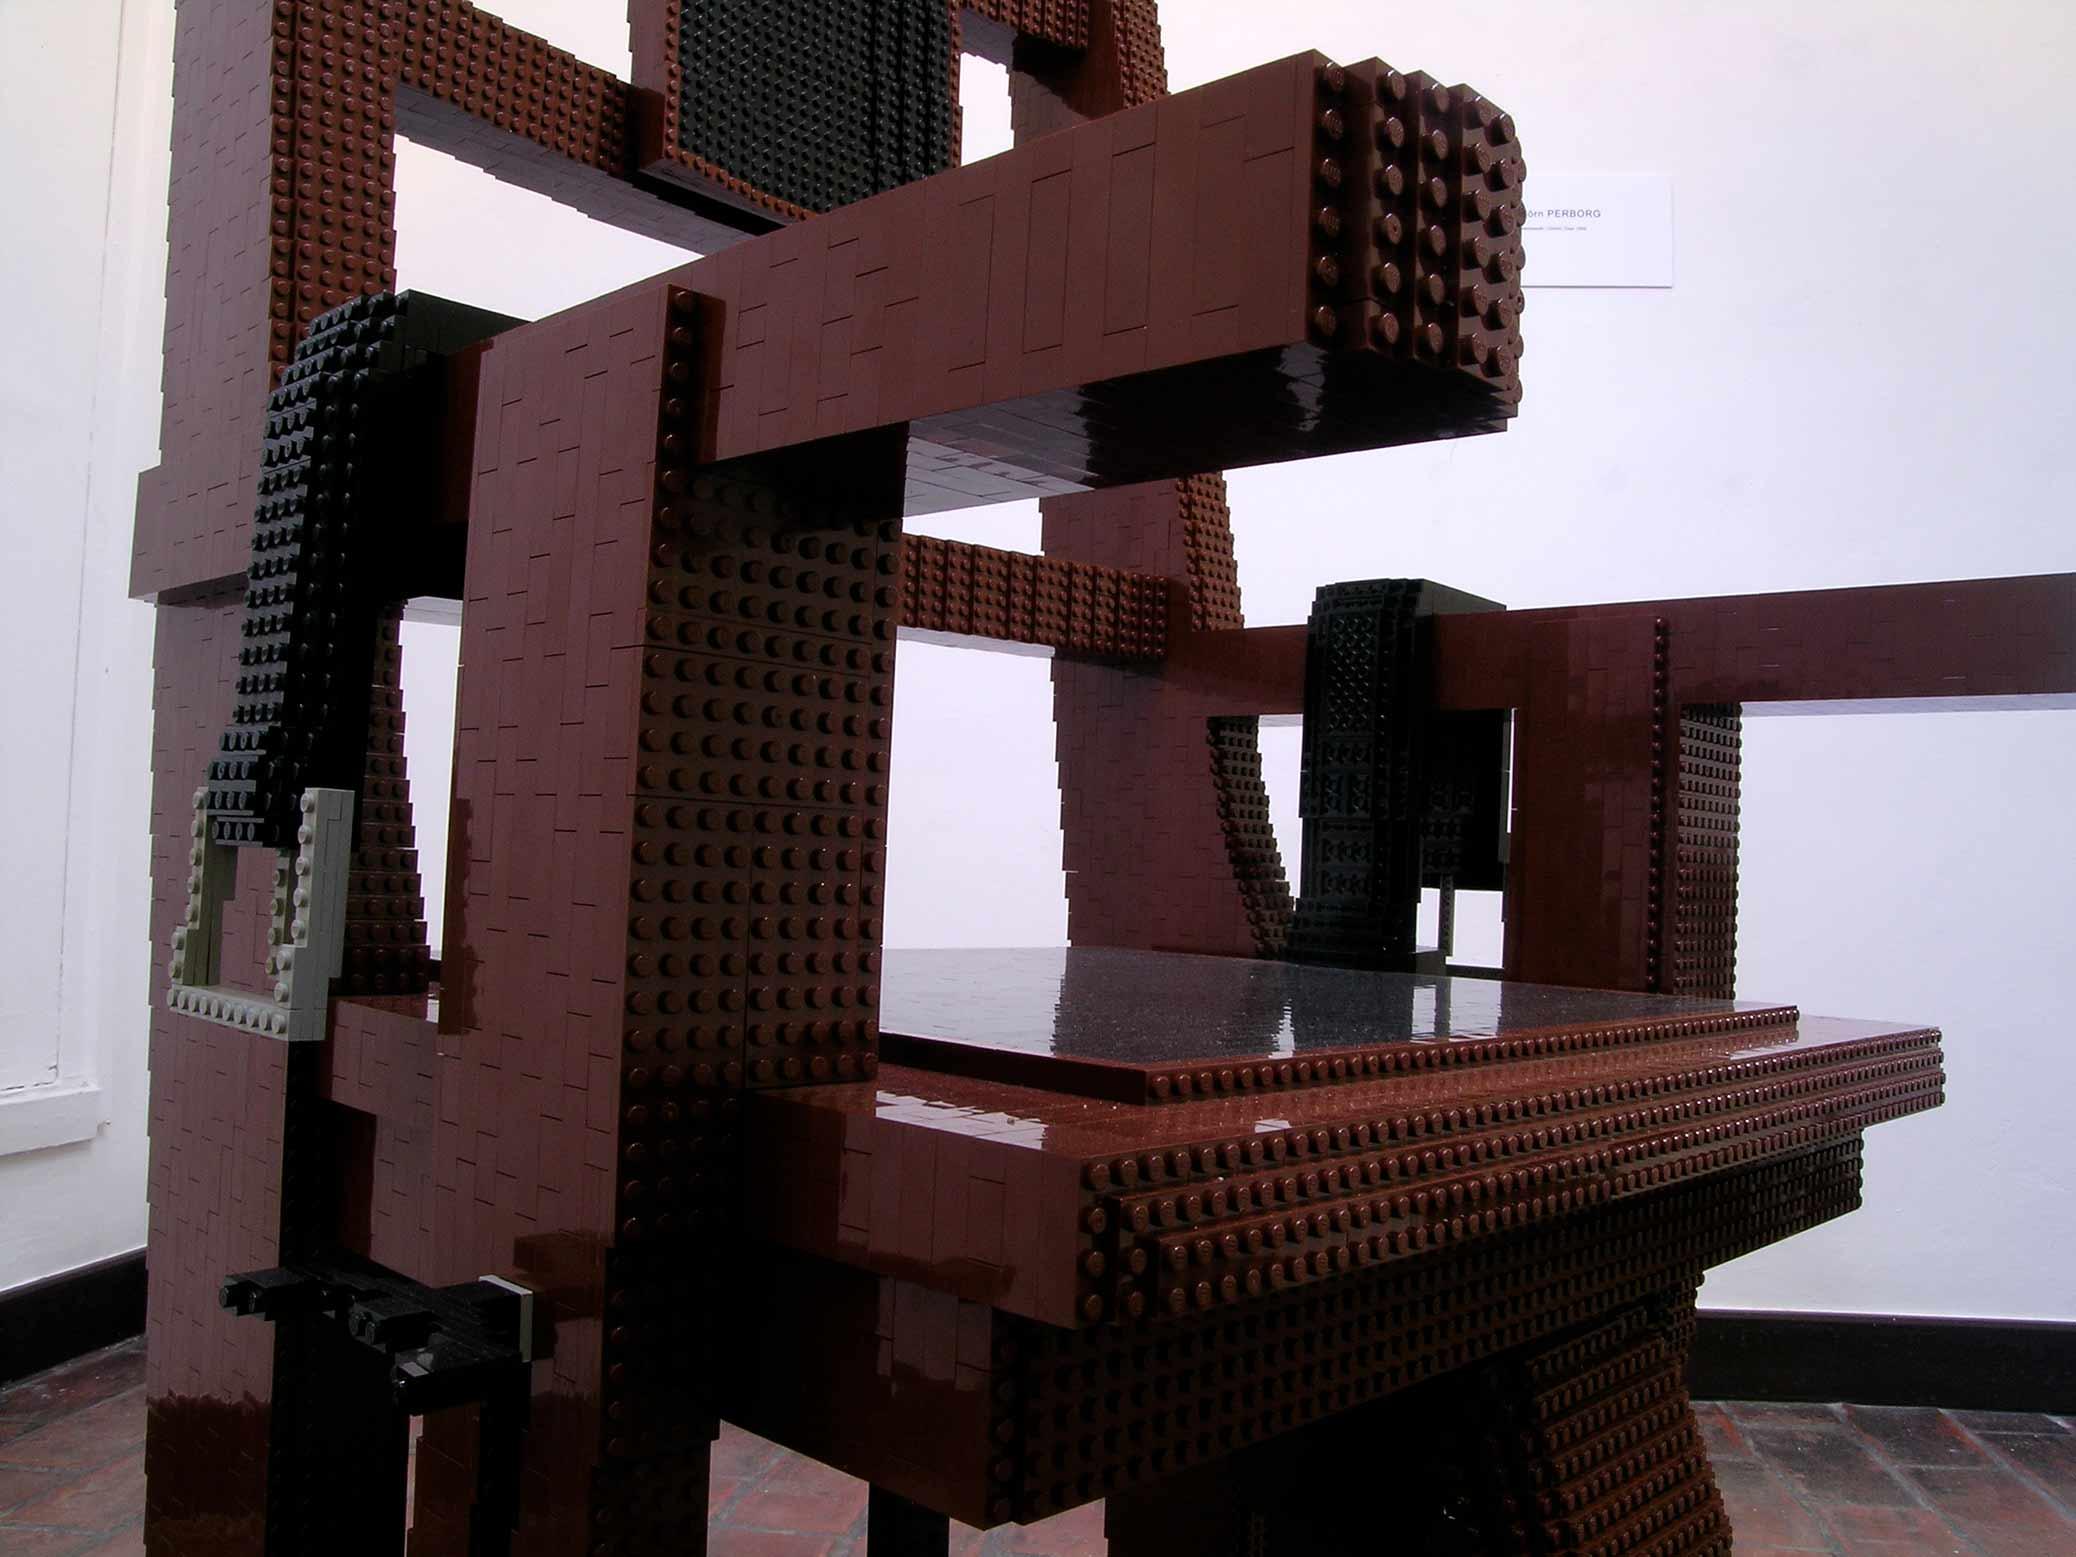 Elektrisk stol, skulptur i LEGO, detalj.